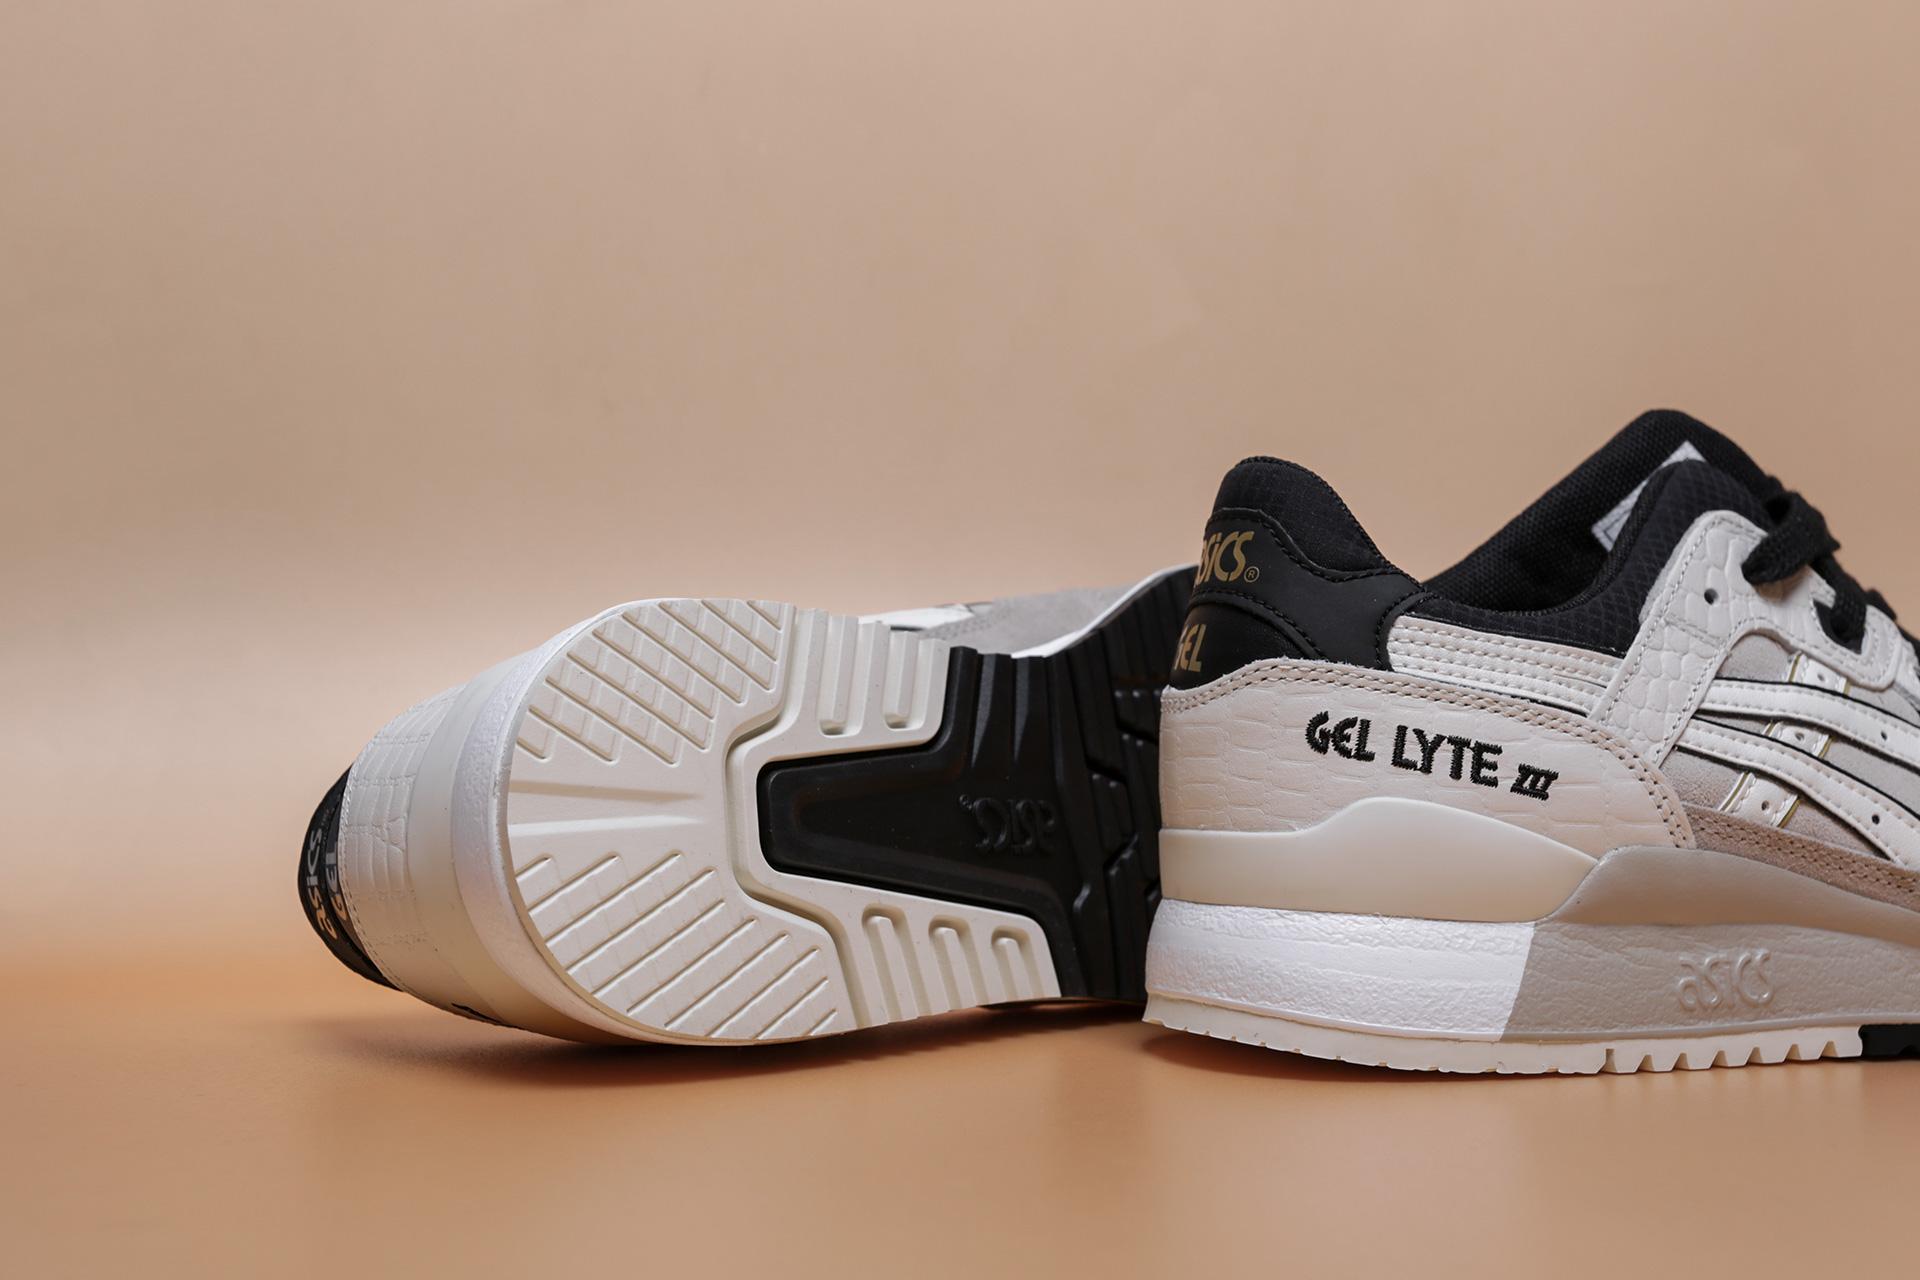 ... Купить мужские бежевые кроссовки ASICS Gel-Lyte III - фото 4 картинки  ... 83a9ca35f3940